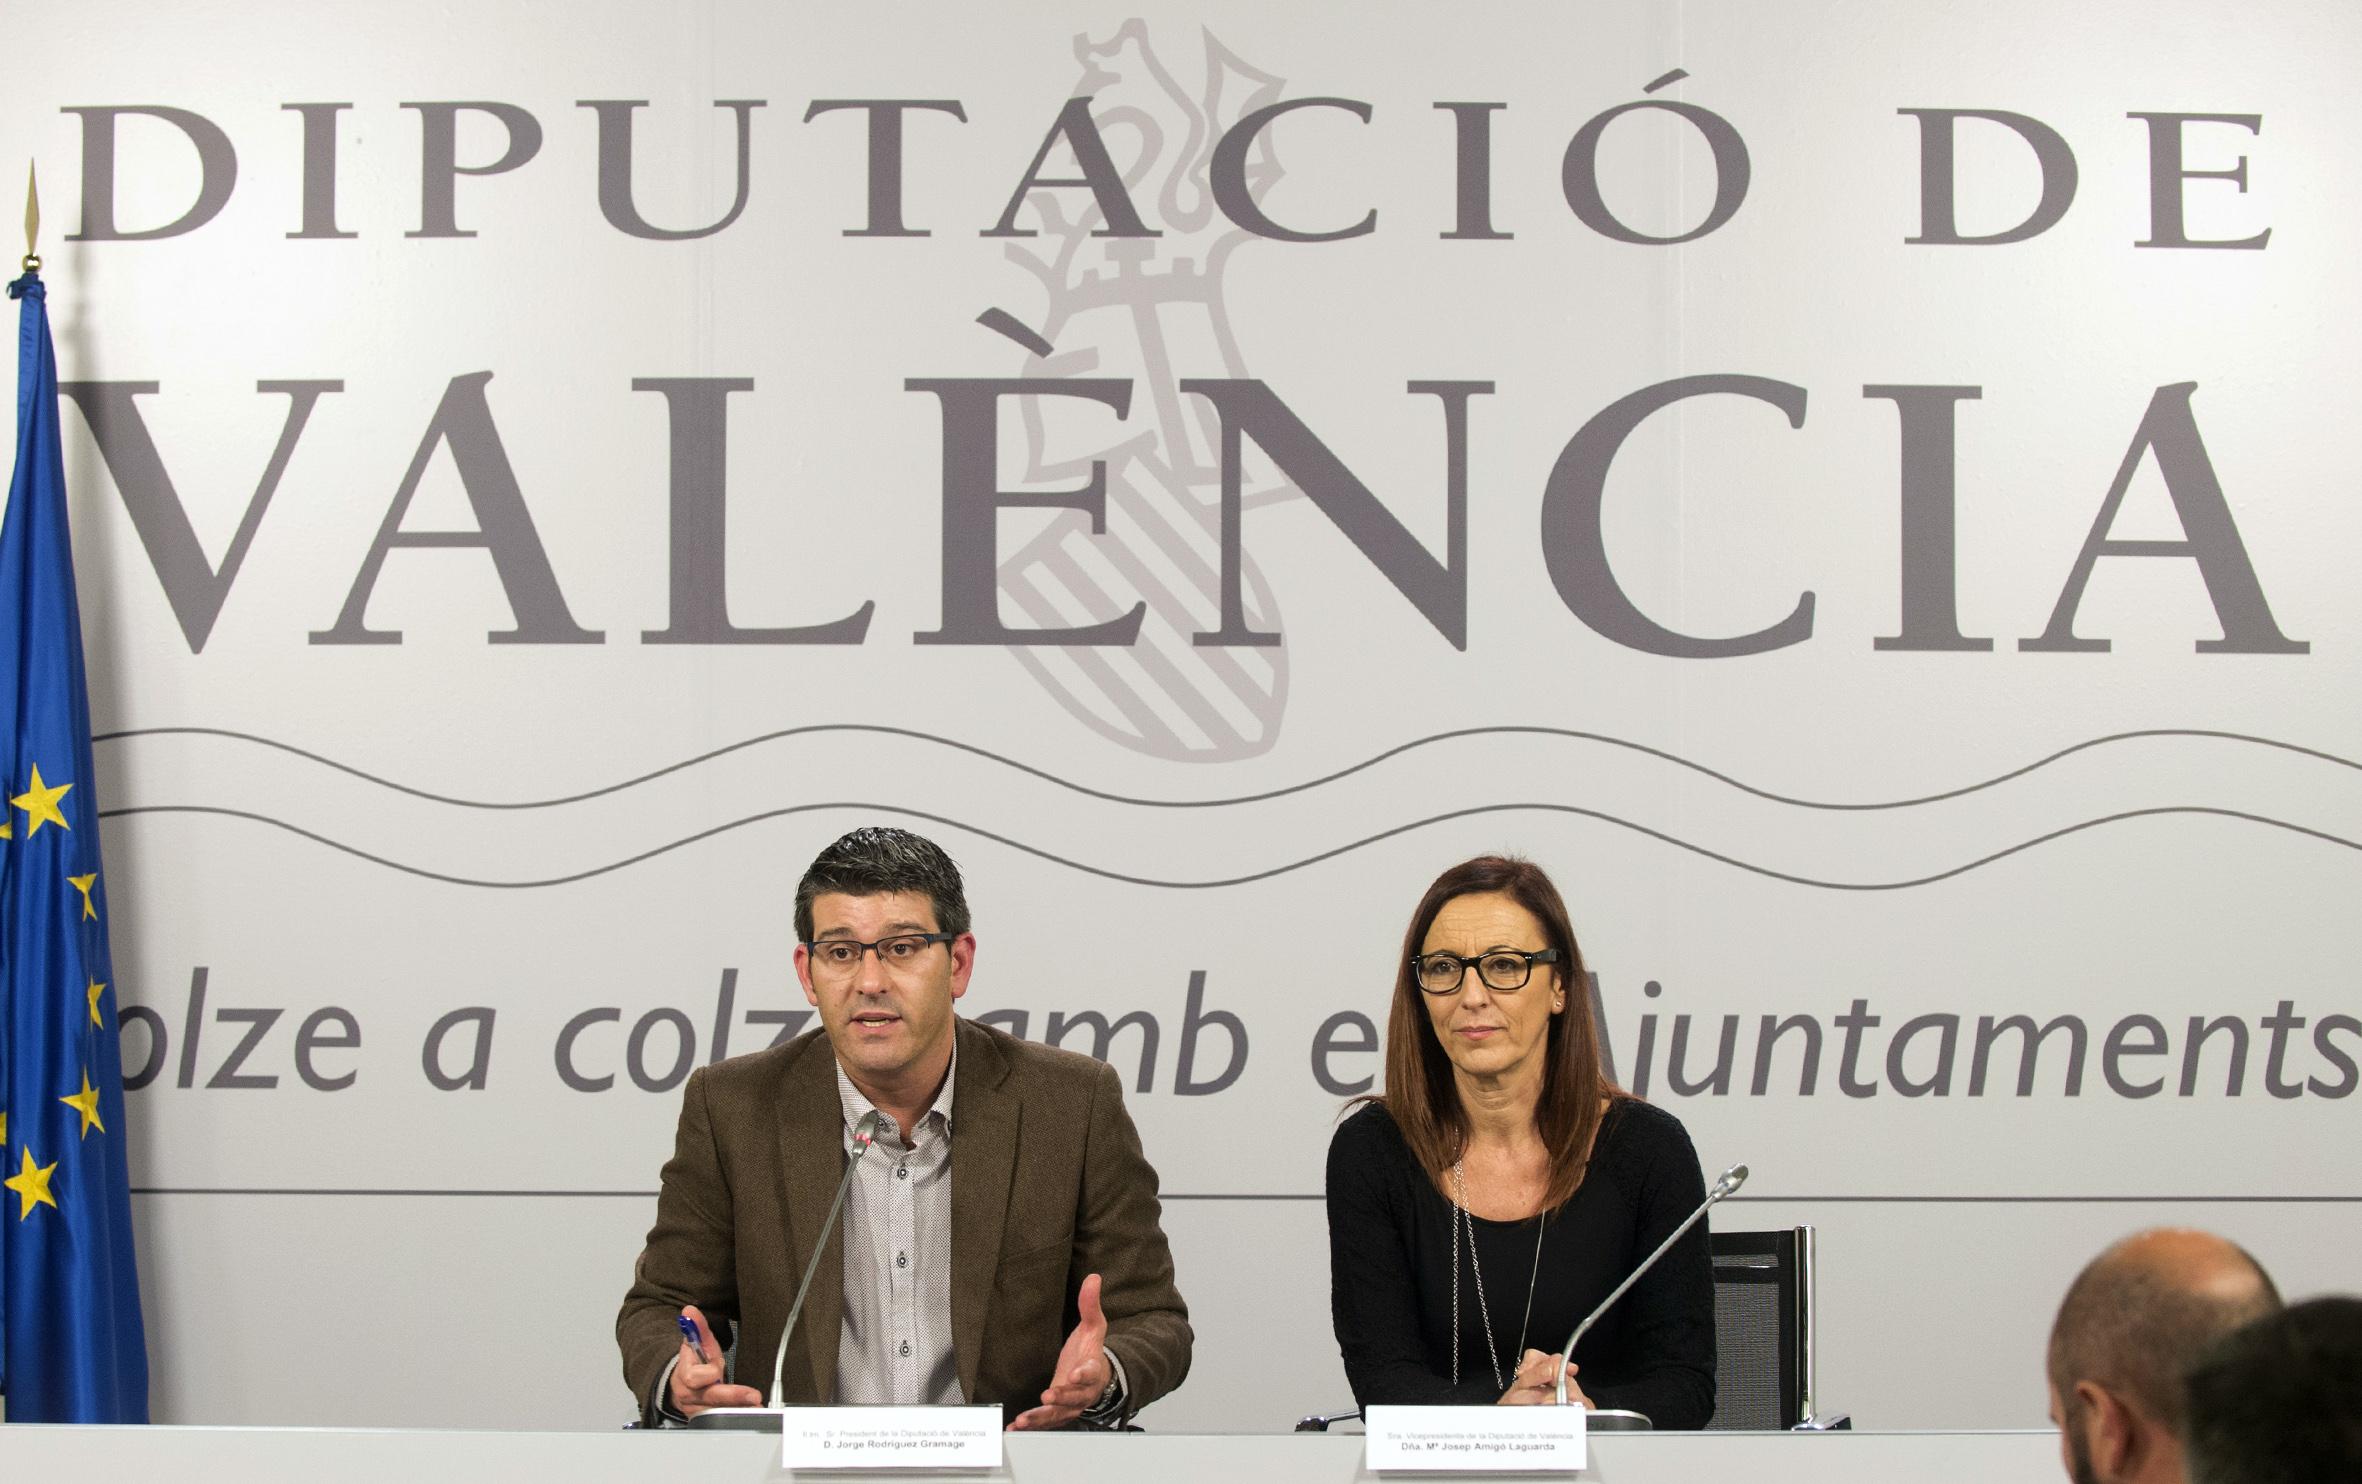 El presidente, Jorge Rodríguez, junto a la vicepresidenta, Maria Josep Amigó.